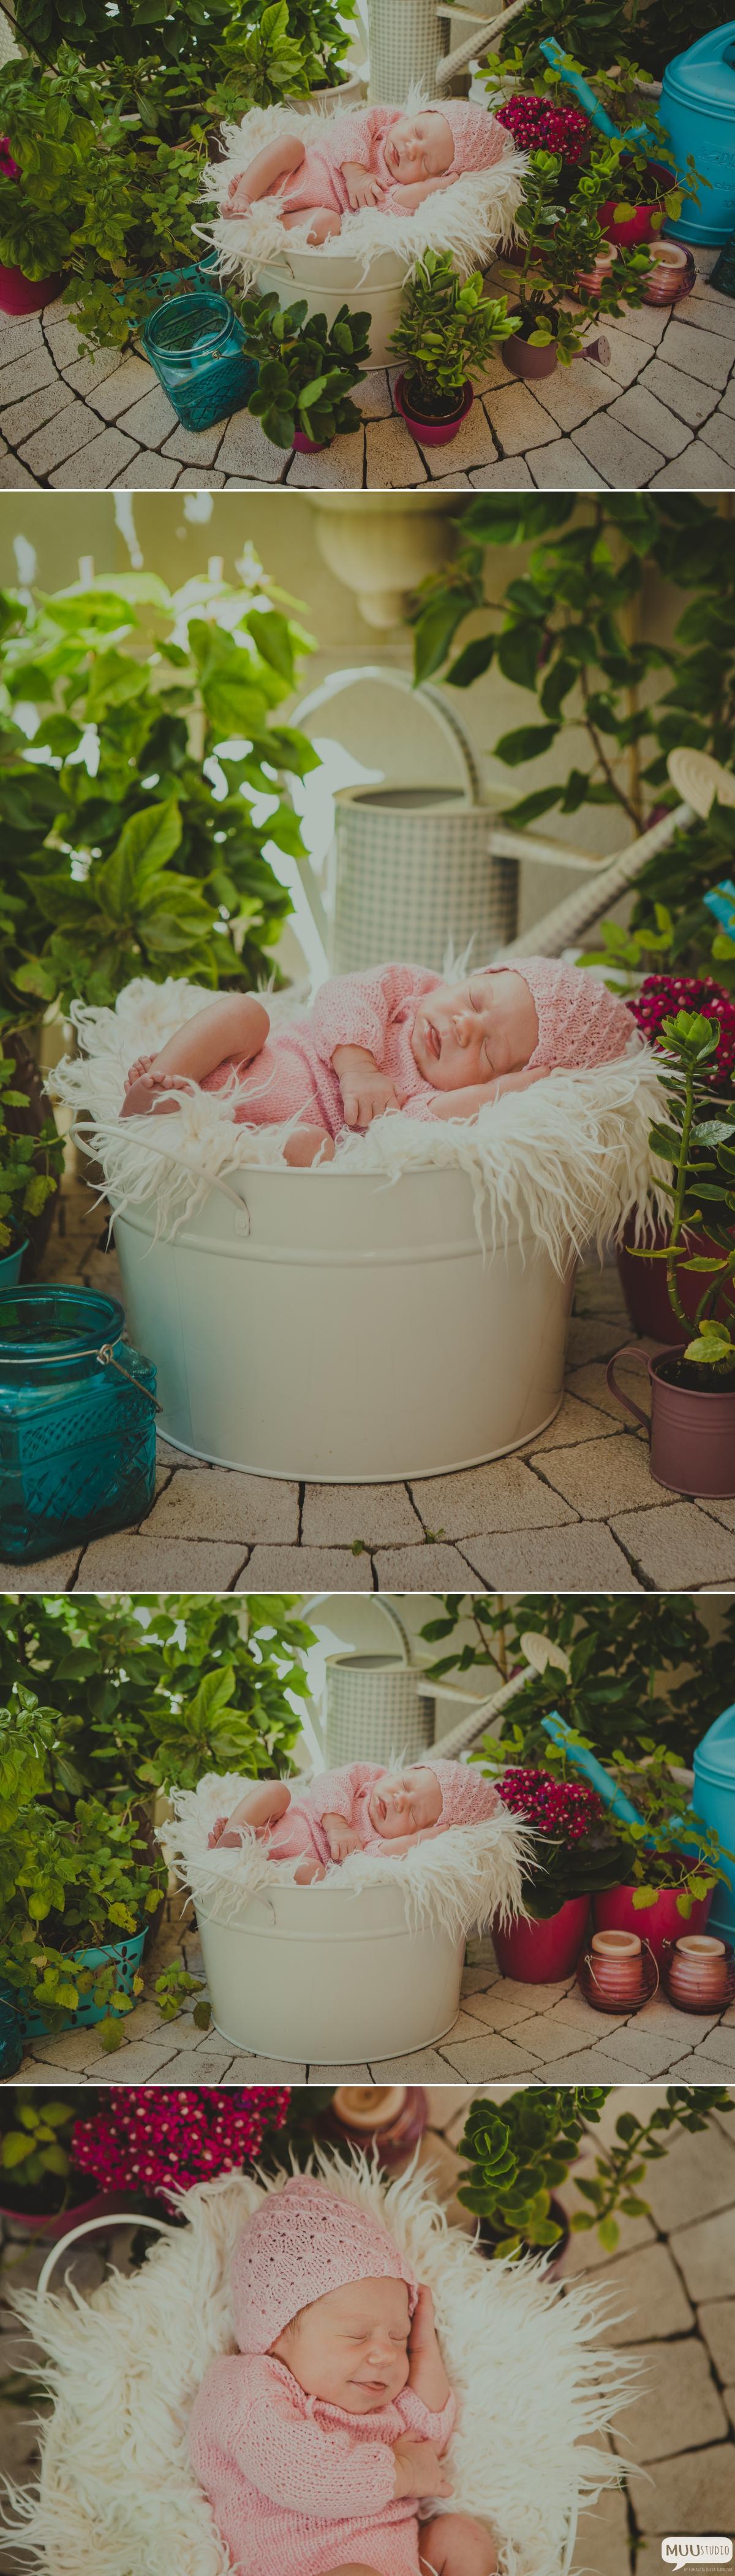 zdjęcia noworodka w plenerze